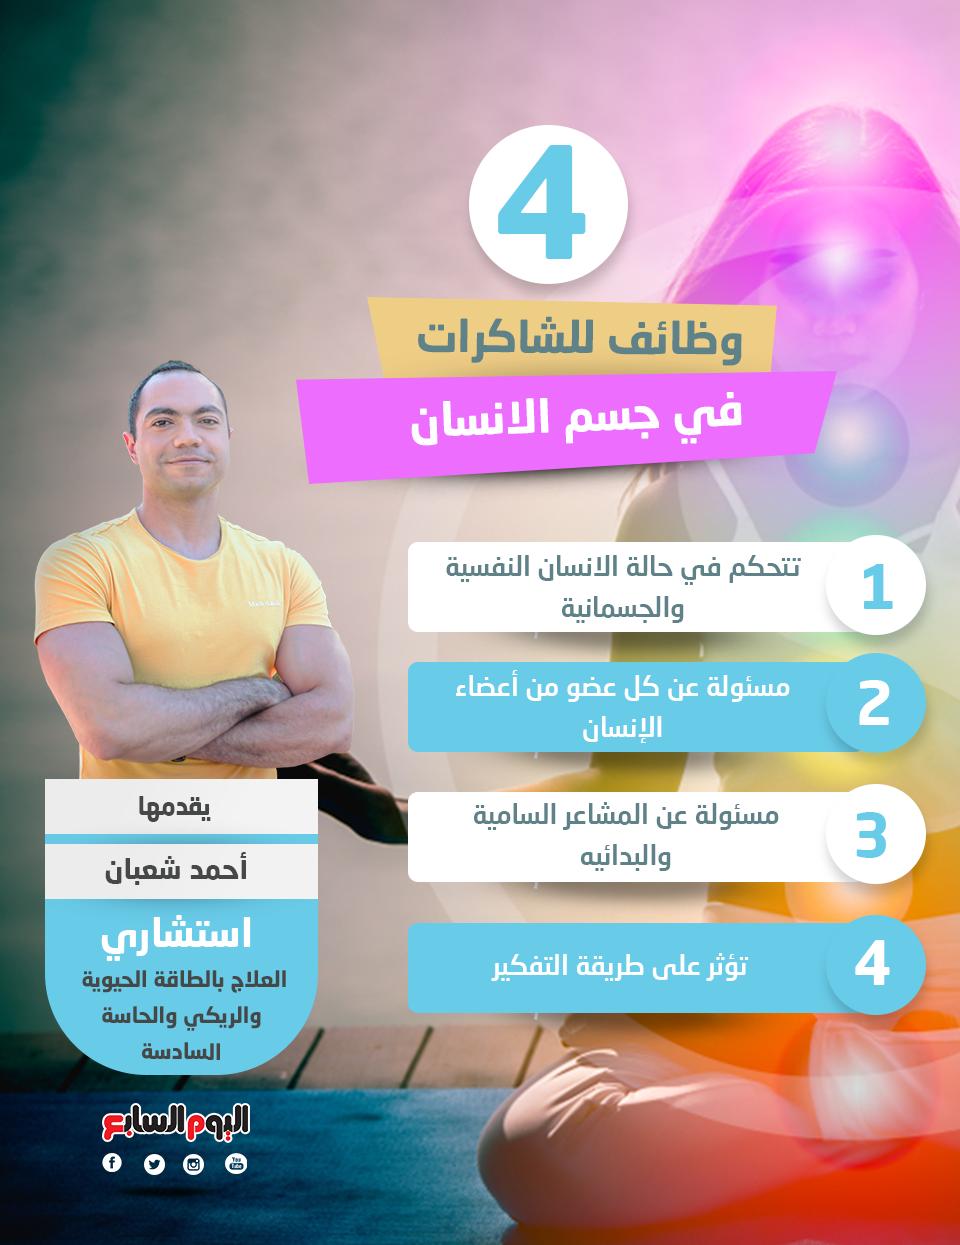 4 وظائف للشاكرات في جسم الانسان